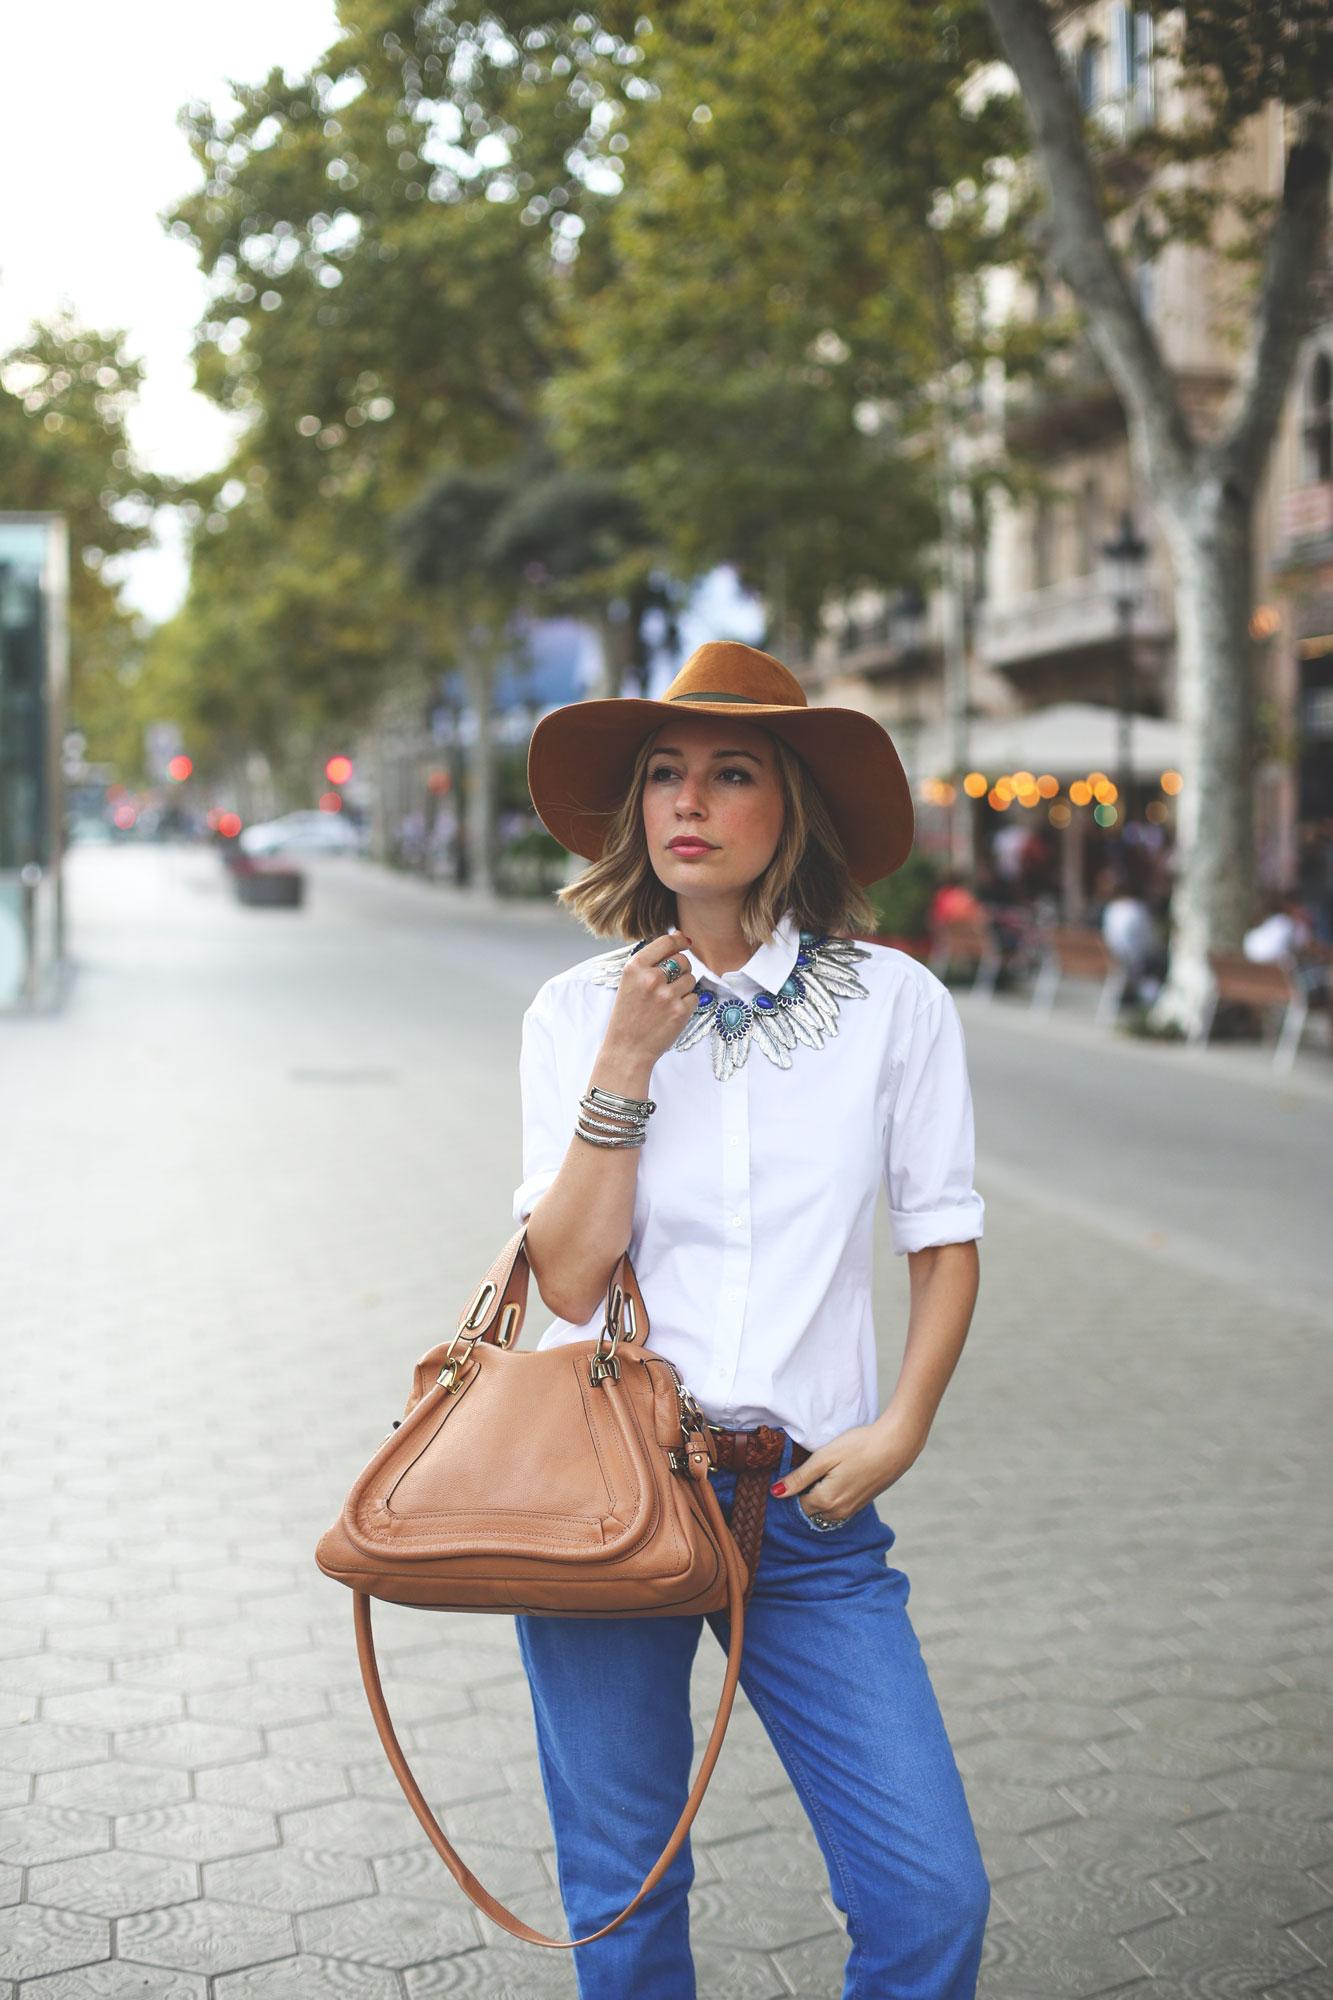 blogger de moda y estilo de vida. Mis sombreros preferidos 94c6c932e4a